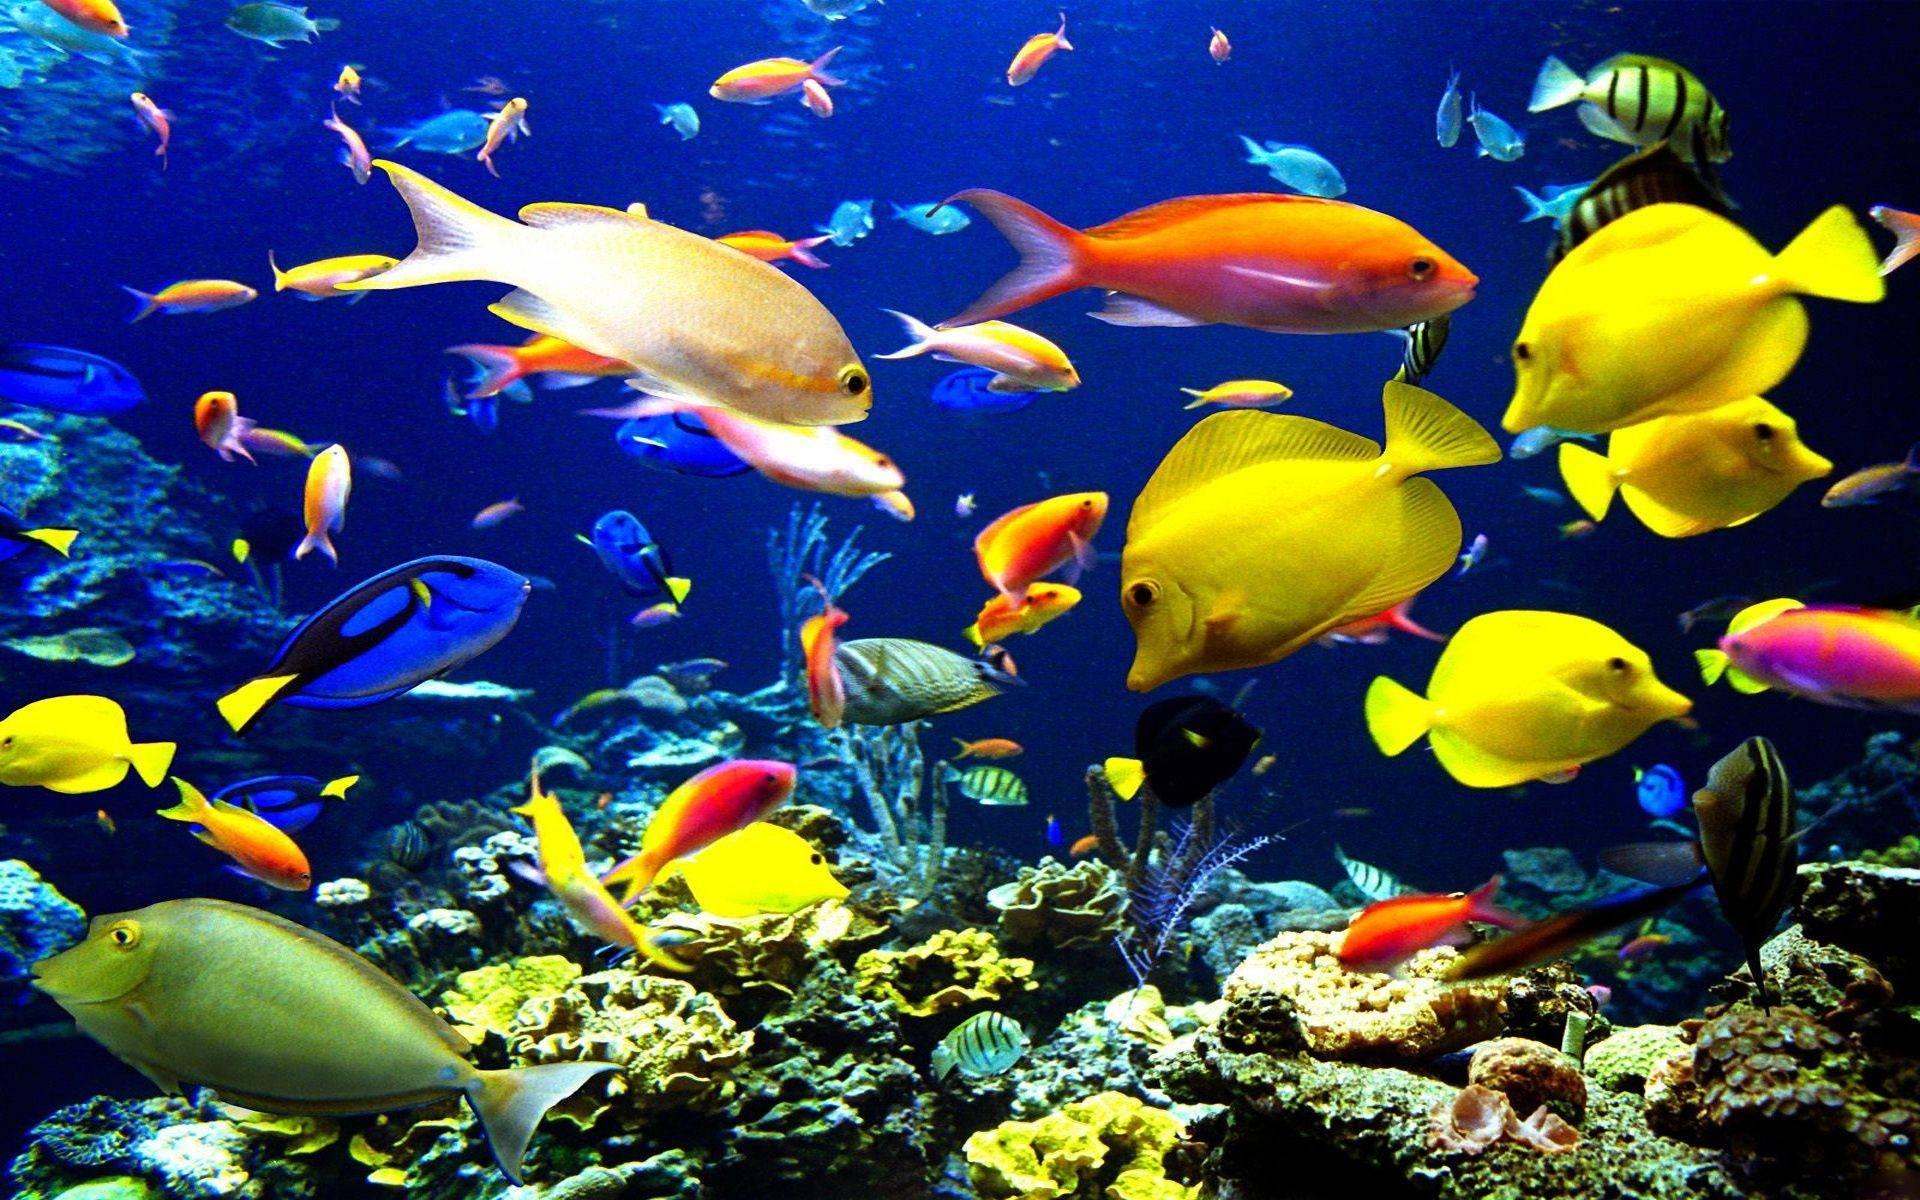 418775 tropical fish underwater sea life tropical fish wallpaperjpg 1920x1200